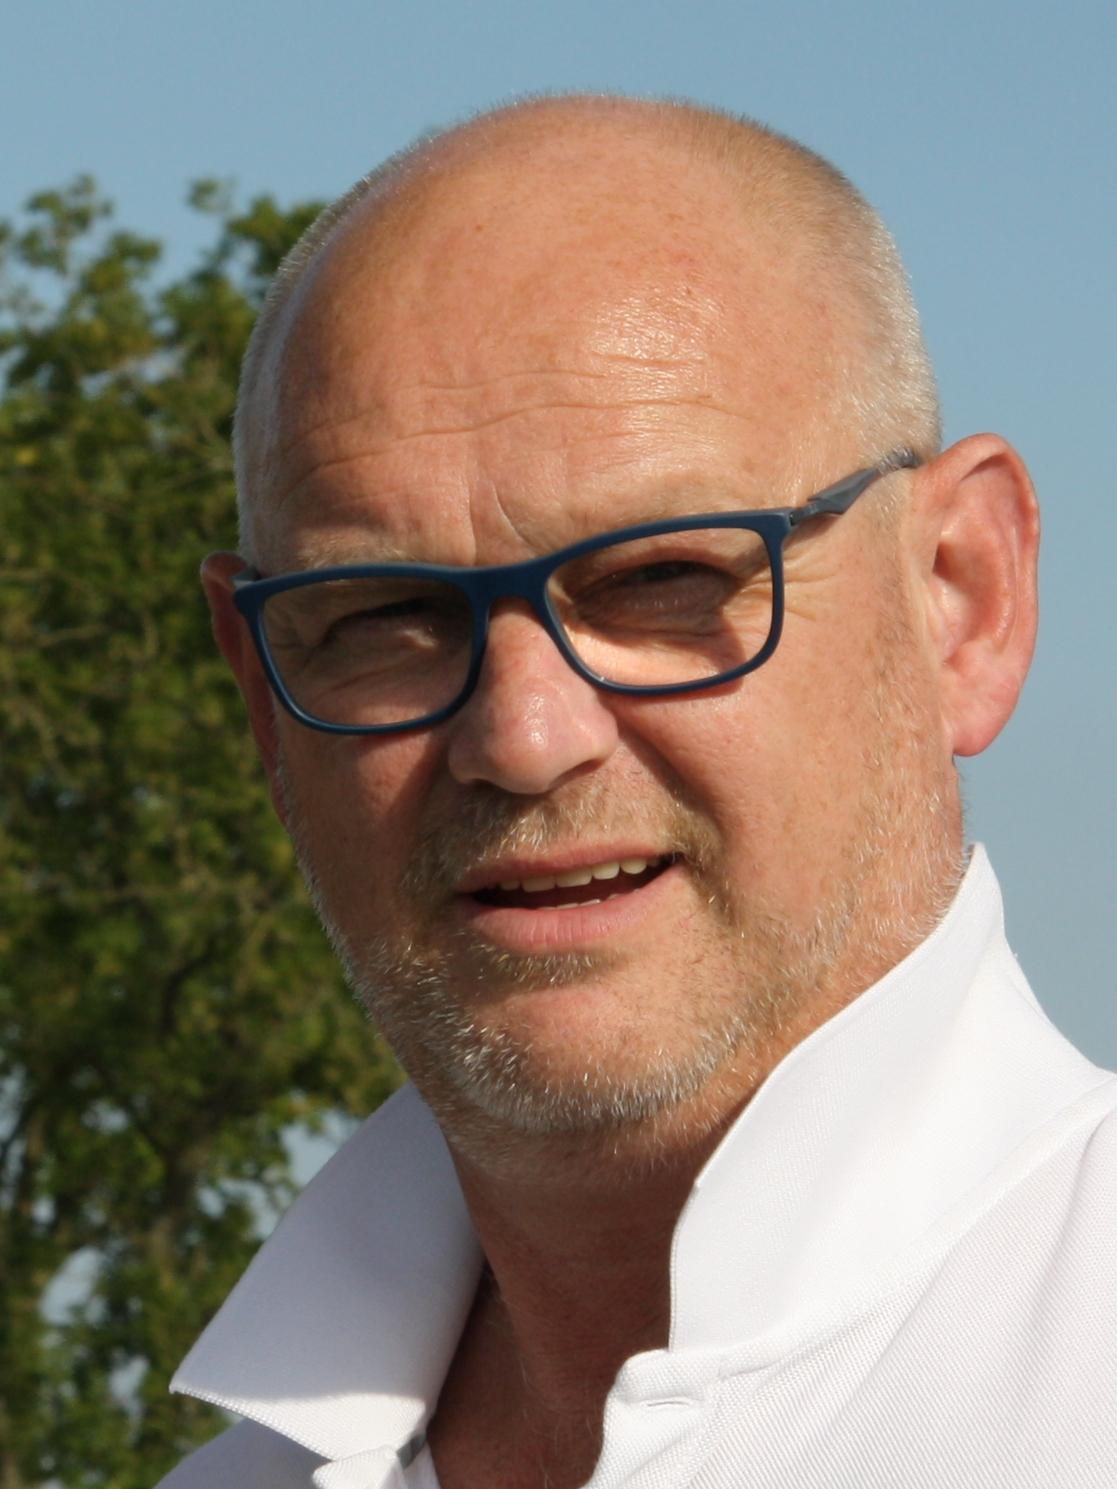 Geert Hoogerduijn